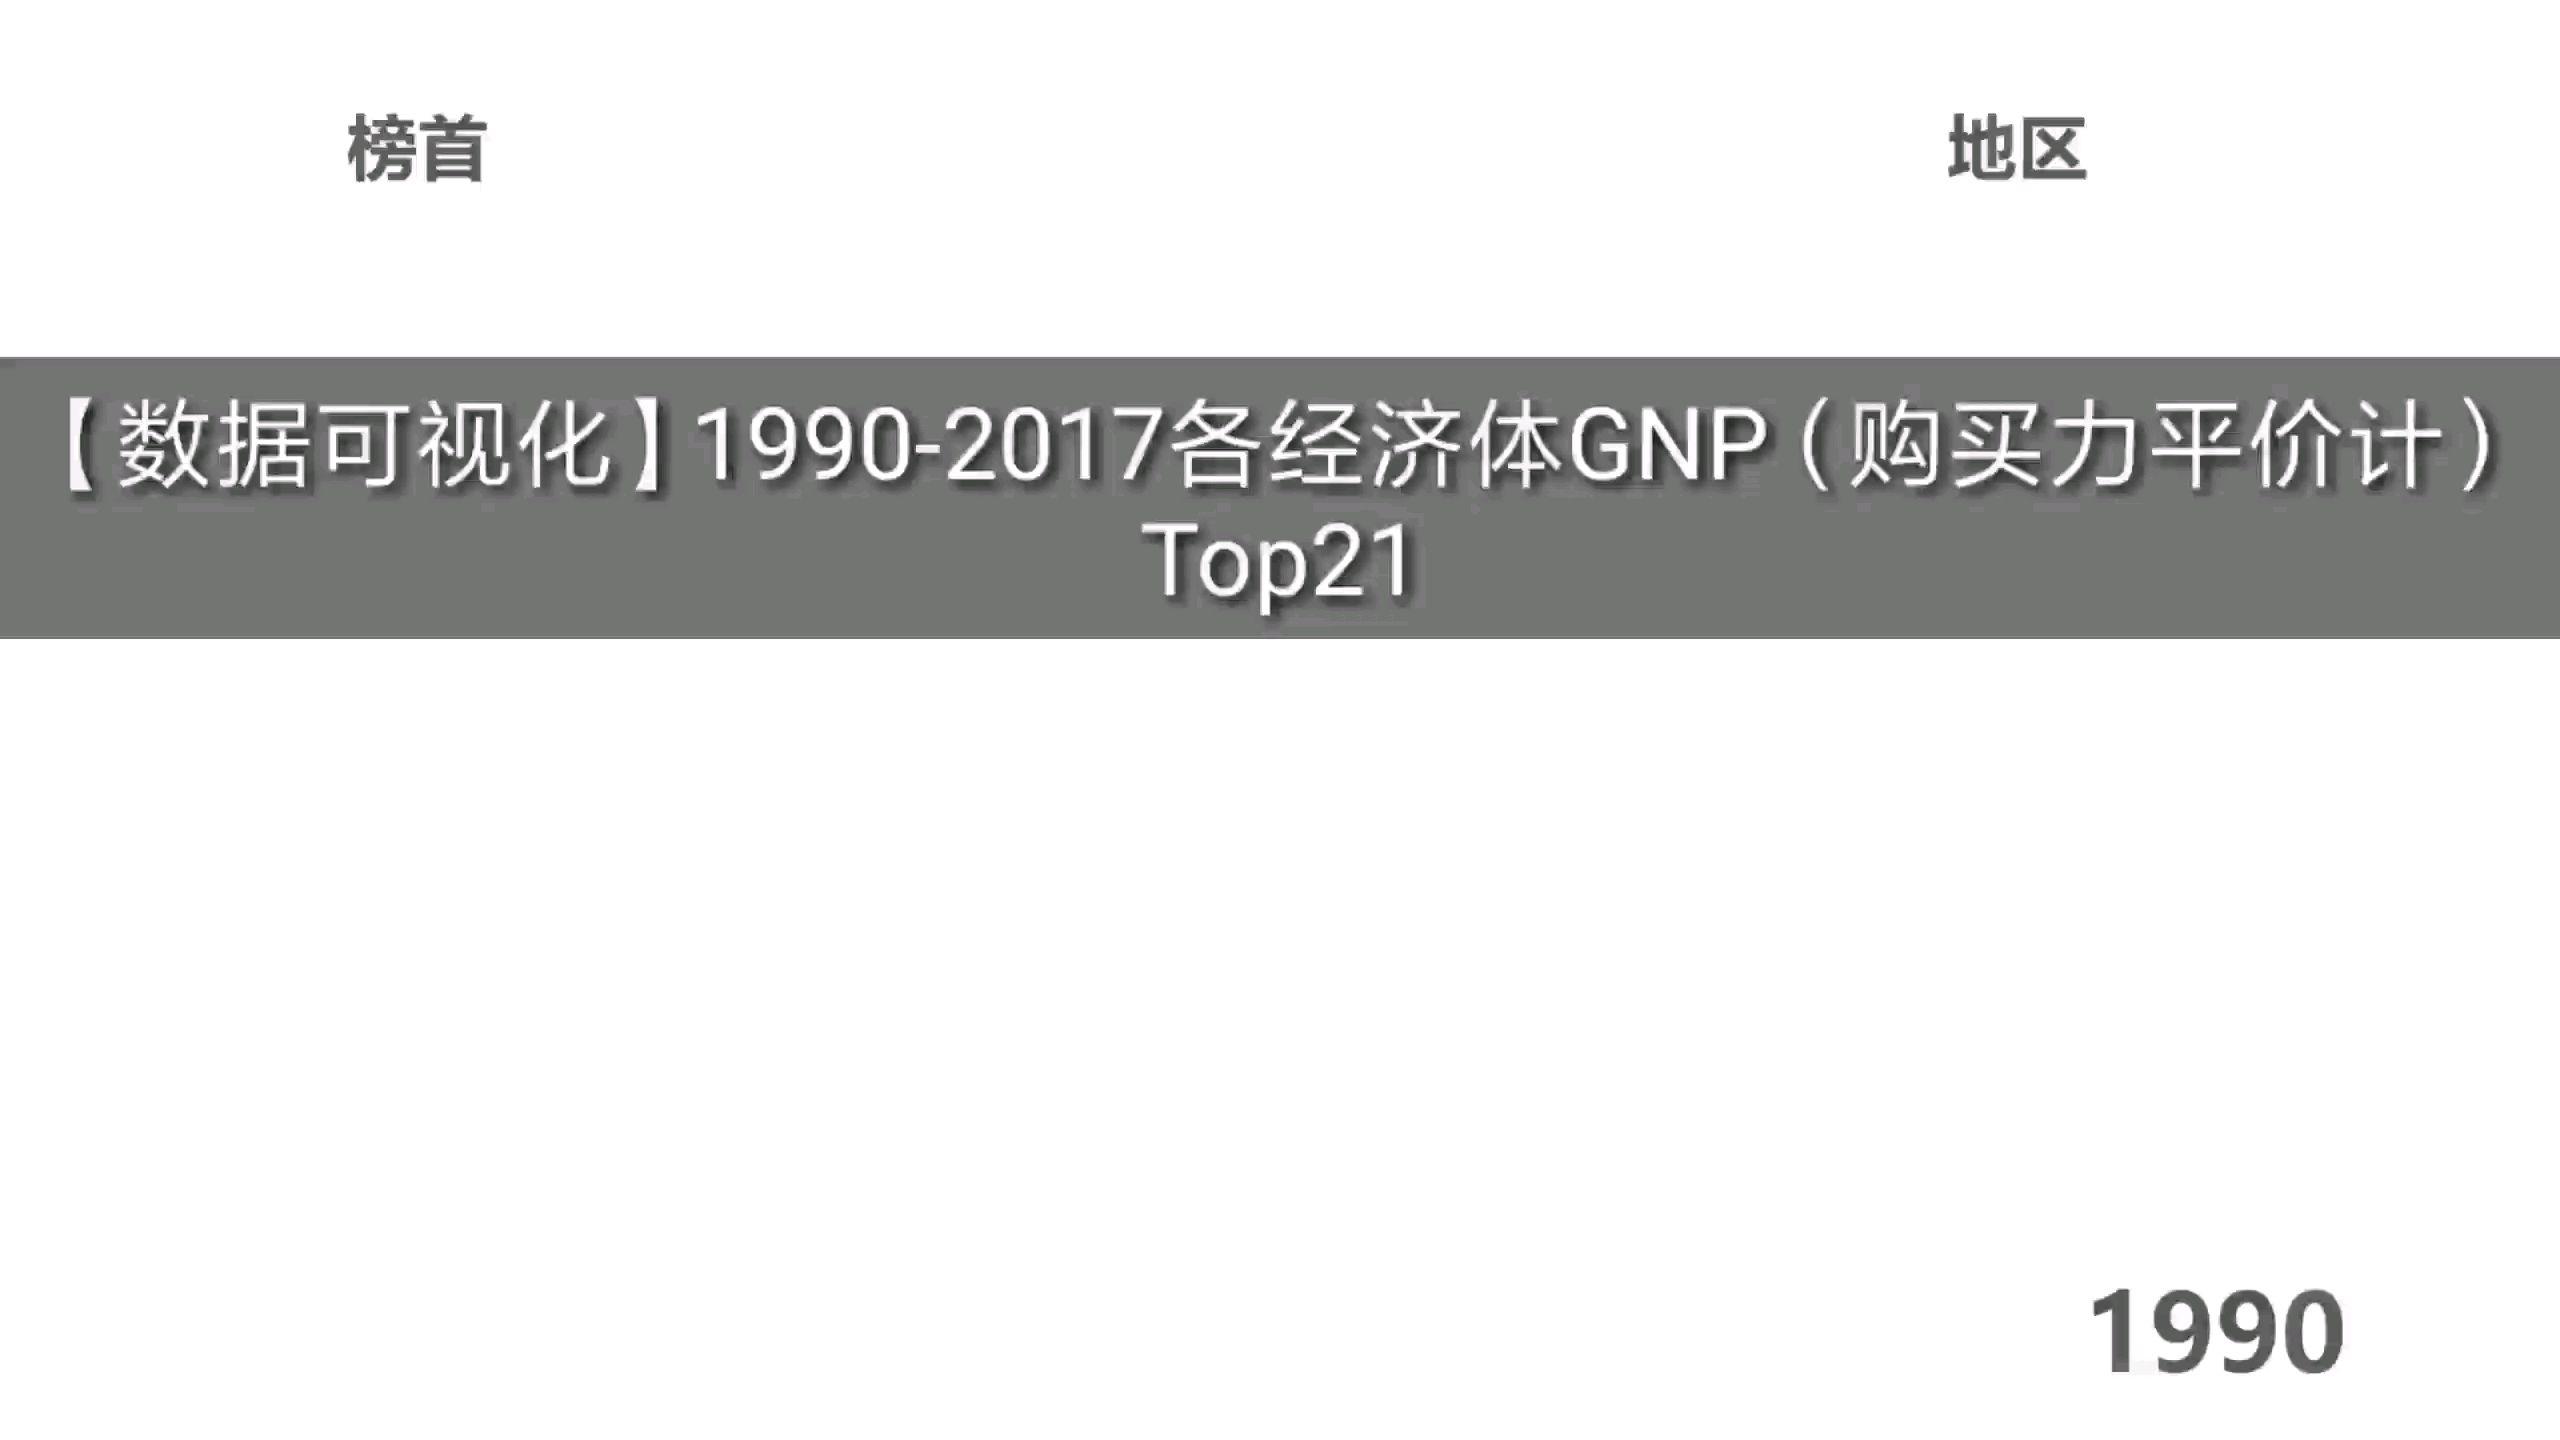 【数据可视化】1990-2017各经济体GNP(购买力平价计)Top21